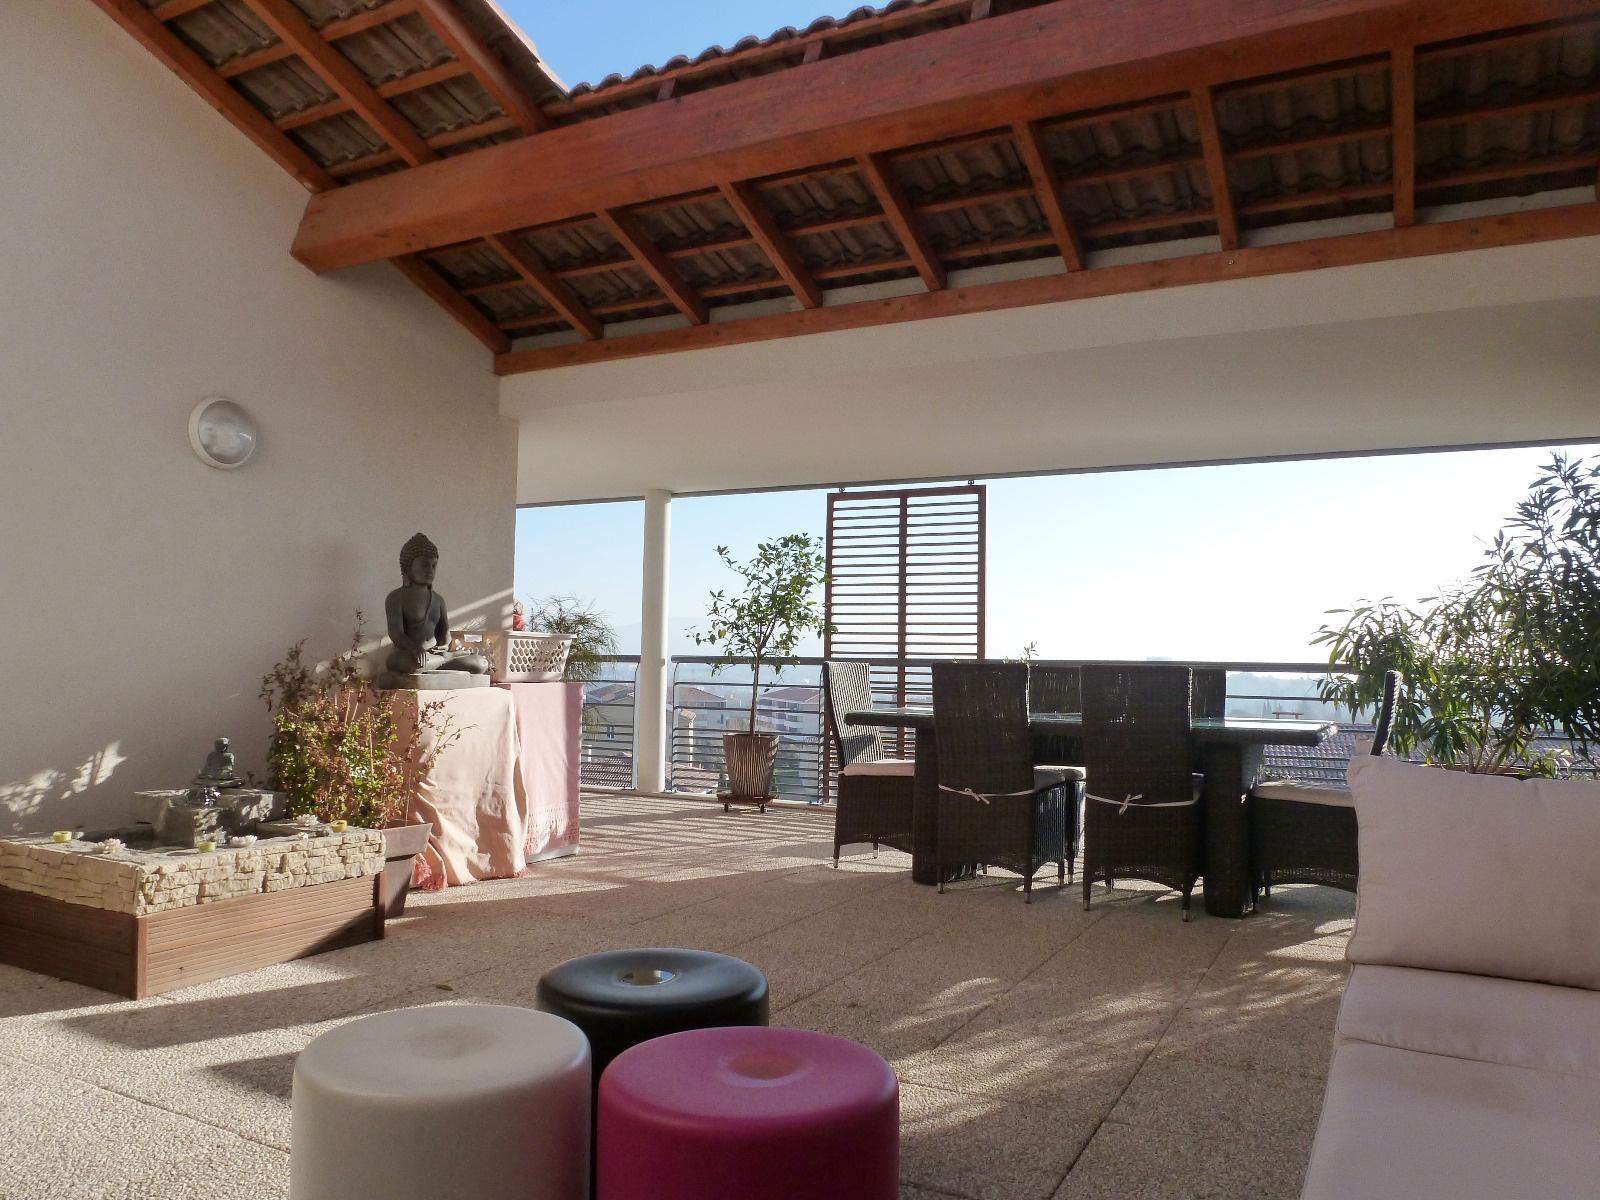 Vente appartements marseille 13 me centre et plus vente for Vente appartement toit terrasse marseille